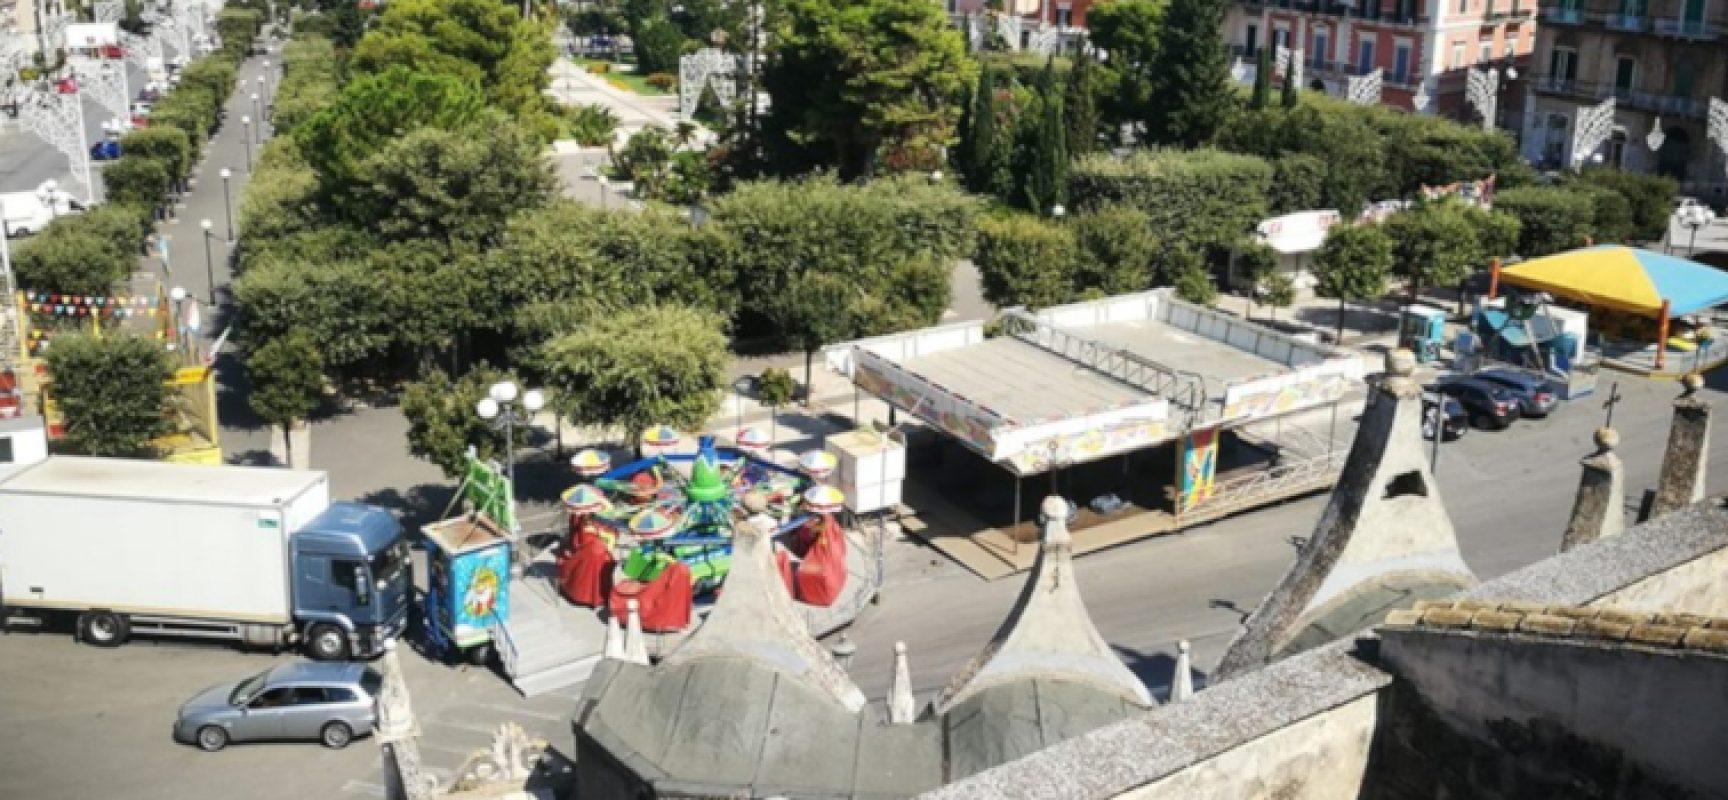 """Festeggiamenti Addolorata, don Ferdinando: """"Piazza violentata da urla e gozzoviglie"""""""